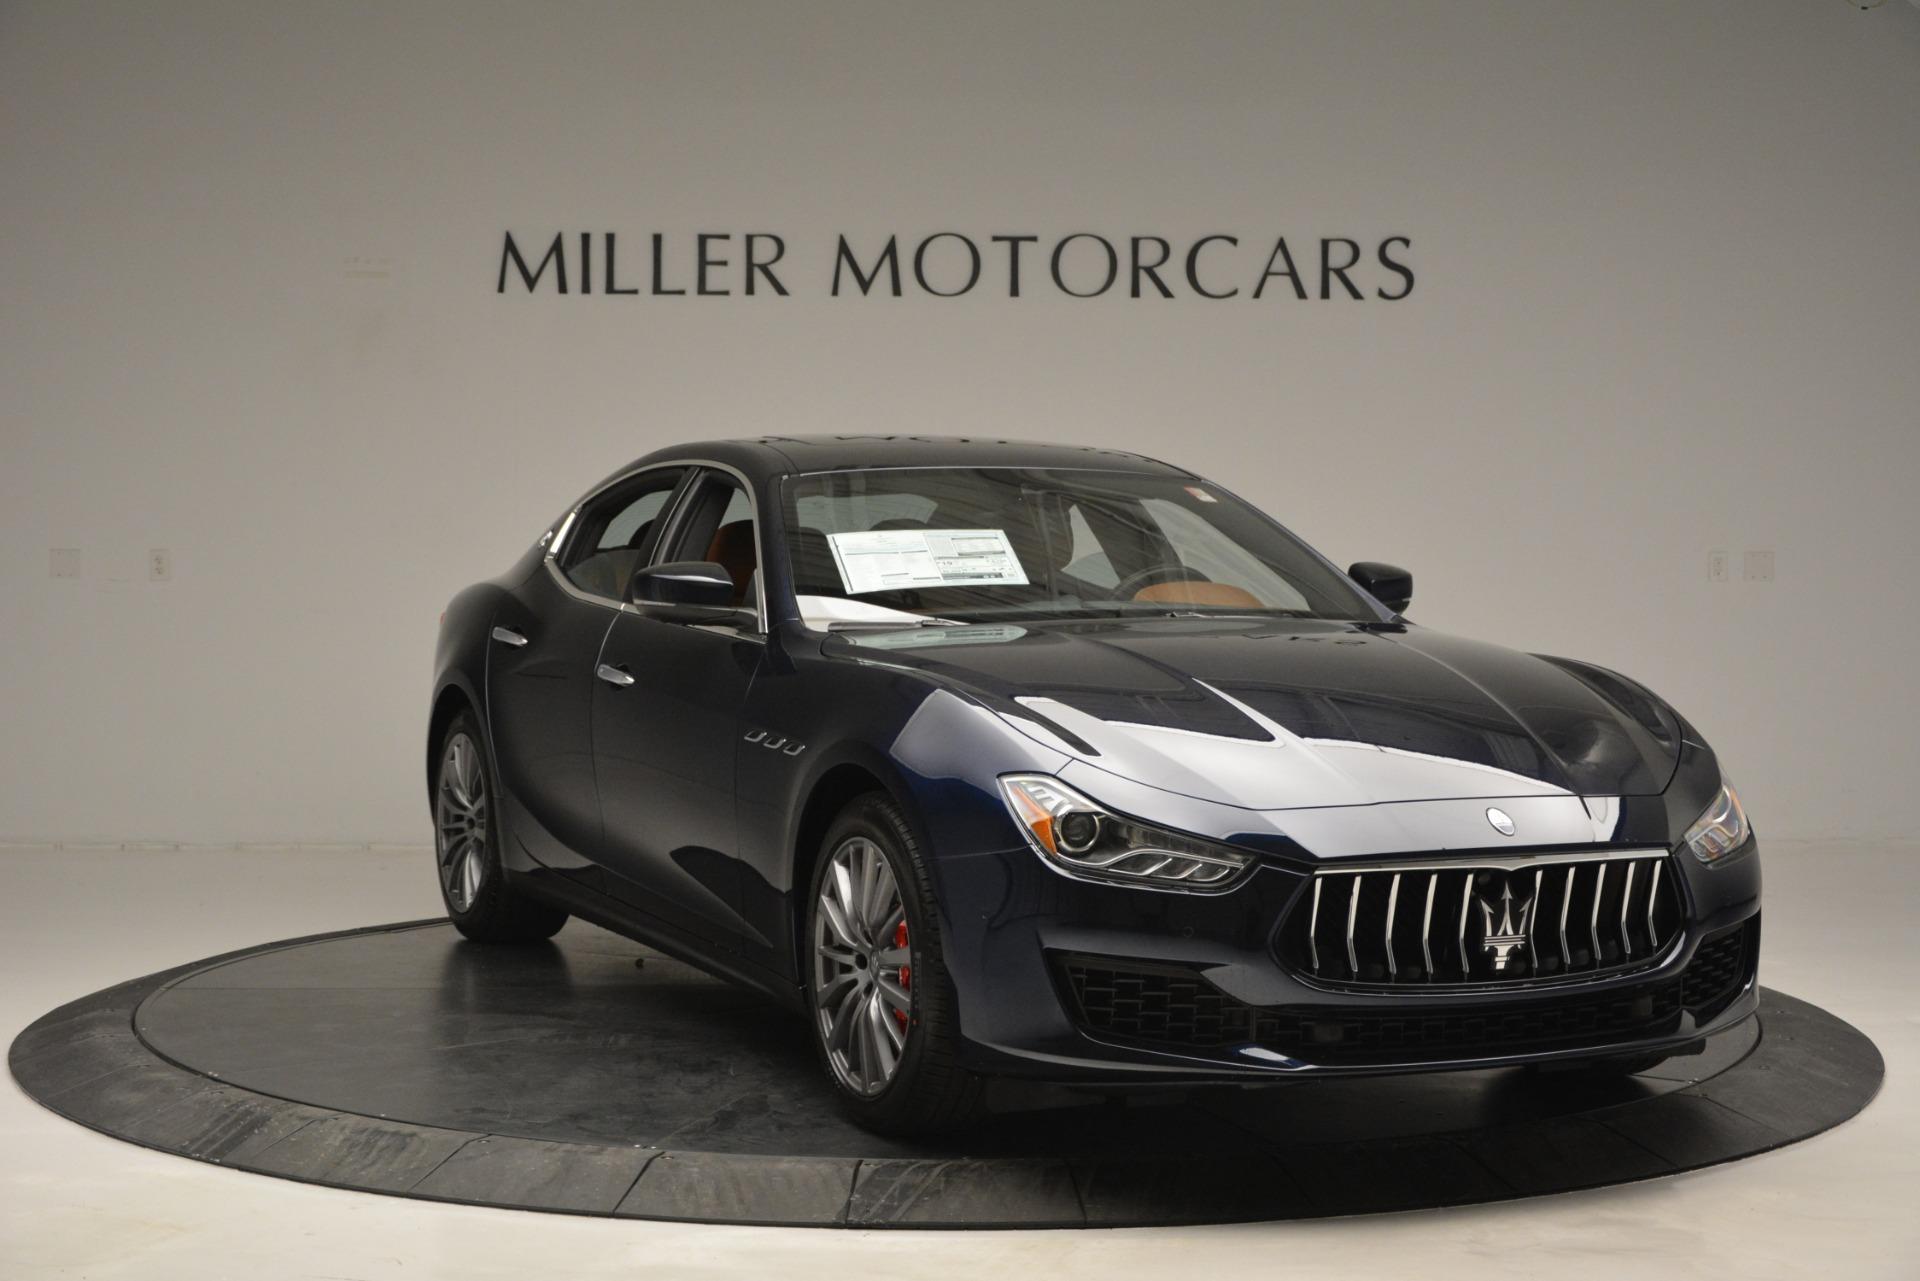 New 2019 Maserati Ghibli S Q4 For Sale In Greenwich, CT 2862_p11